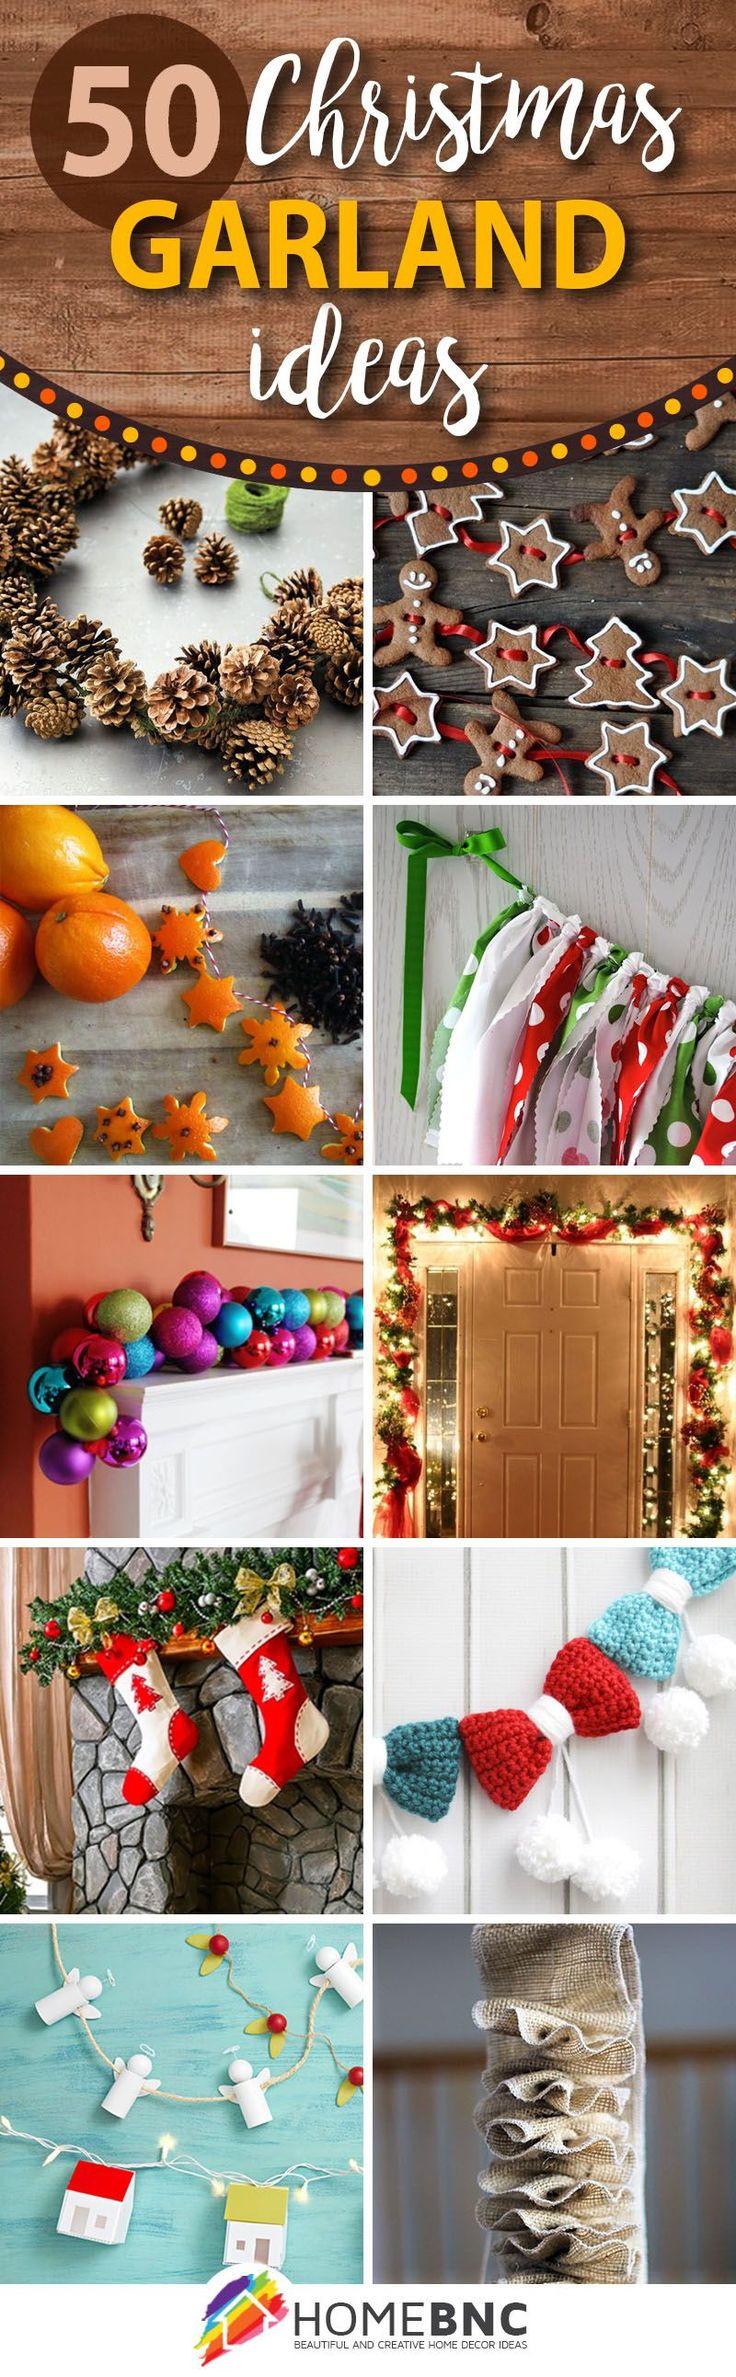 DIY Christmas Garland Ideas  Best 25 Christmas garlands ideas on Pinterest